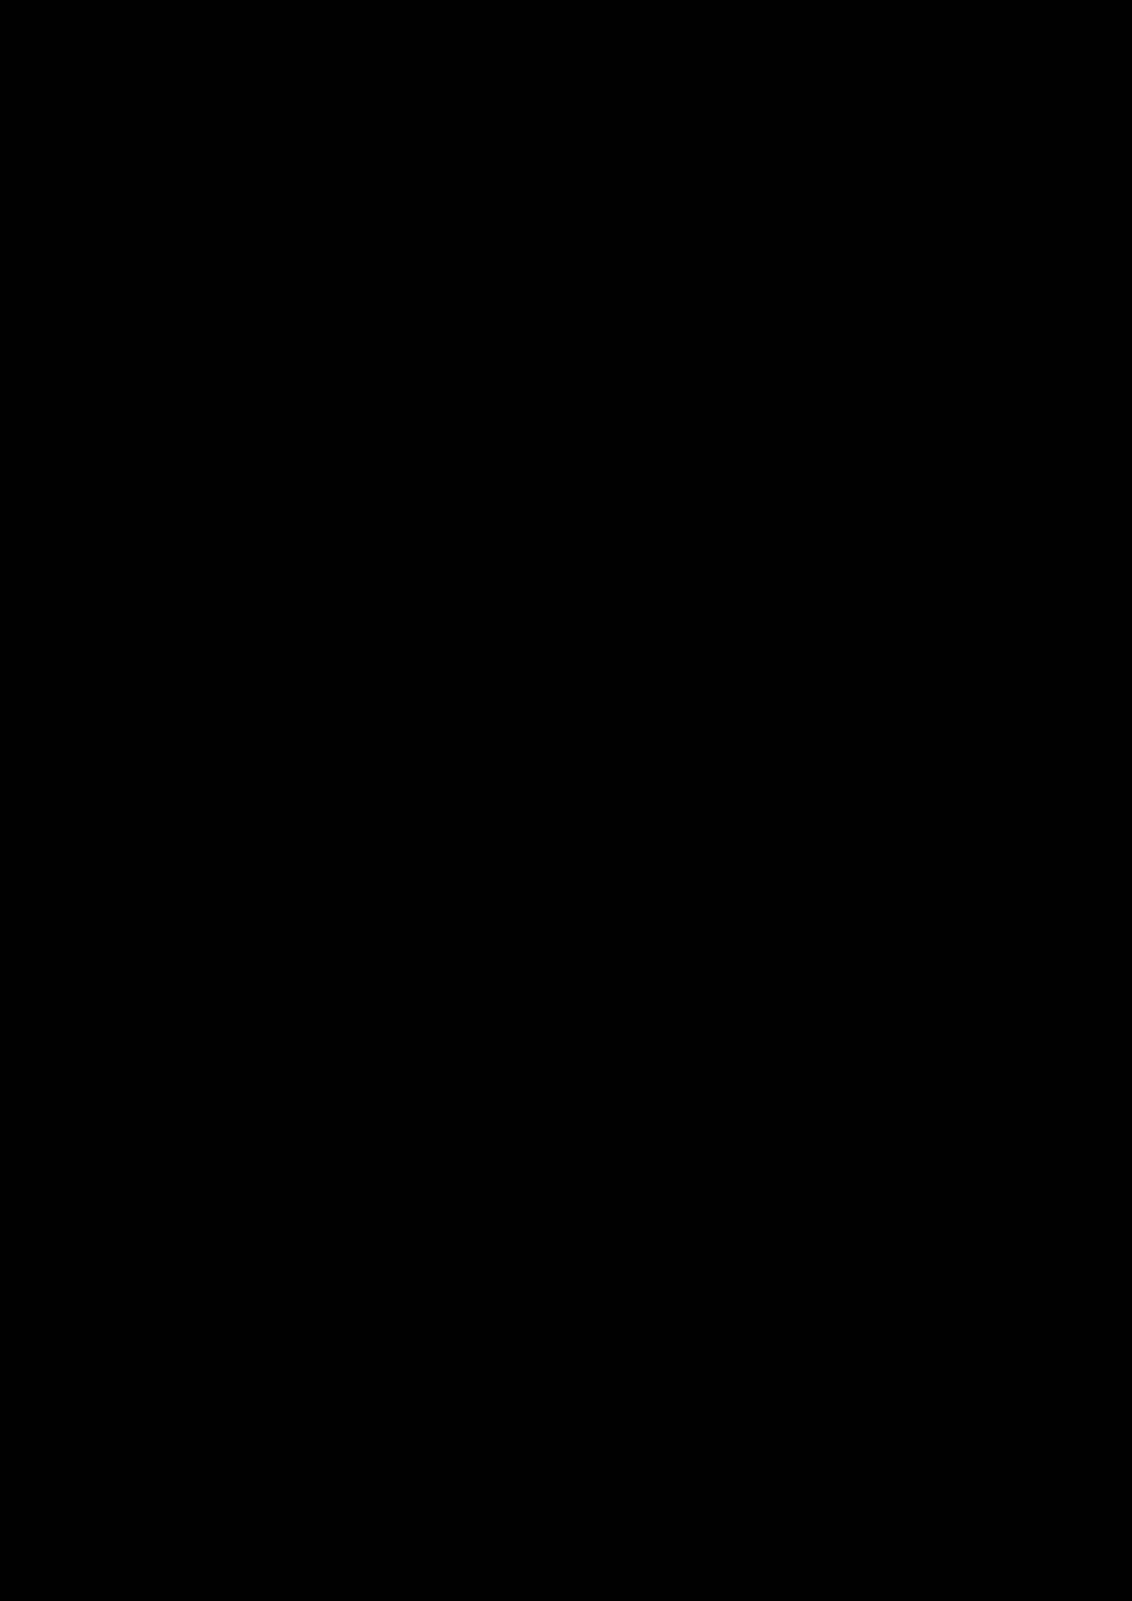 Prolog slide, Image 31